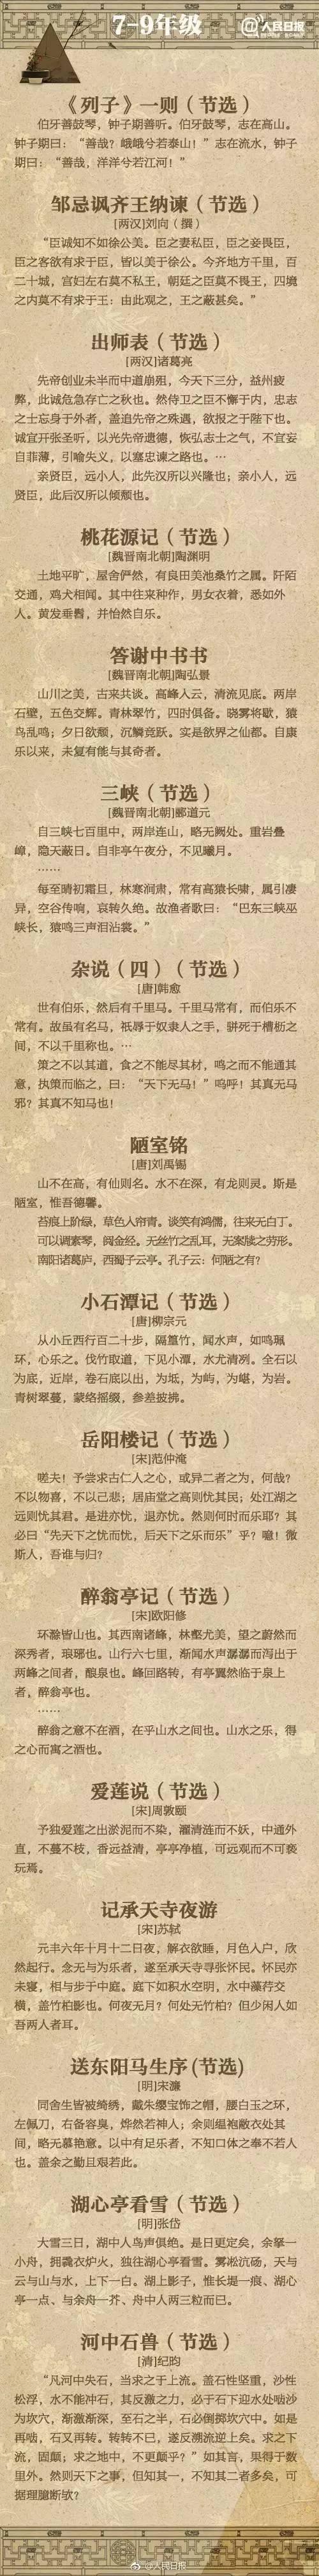 语文教材古诗文大增,义务教育阶段135篇必背诗文! - 毅锋 - 网络天下